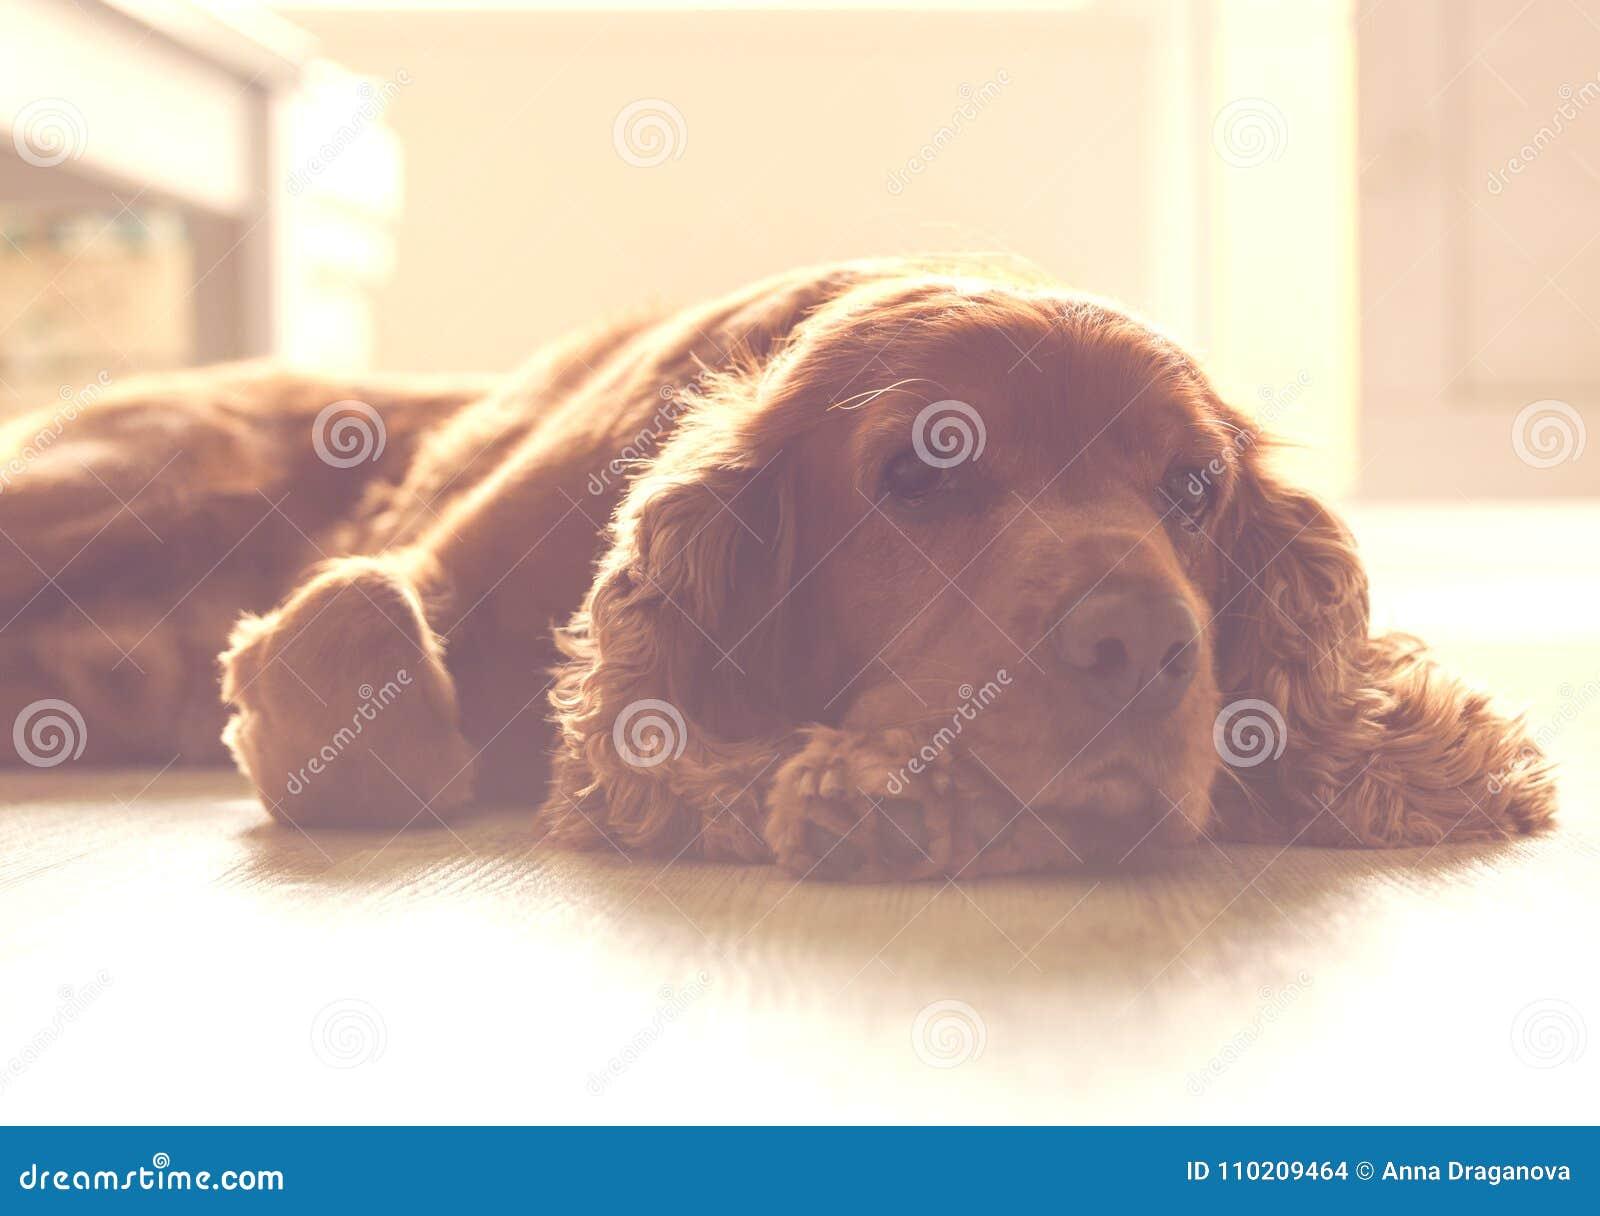 Netter Hund - Englisch Cocker spaniel, das auf dem sonnigen Teil des Bodens stillsteht